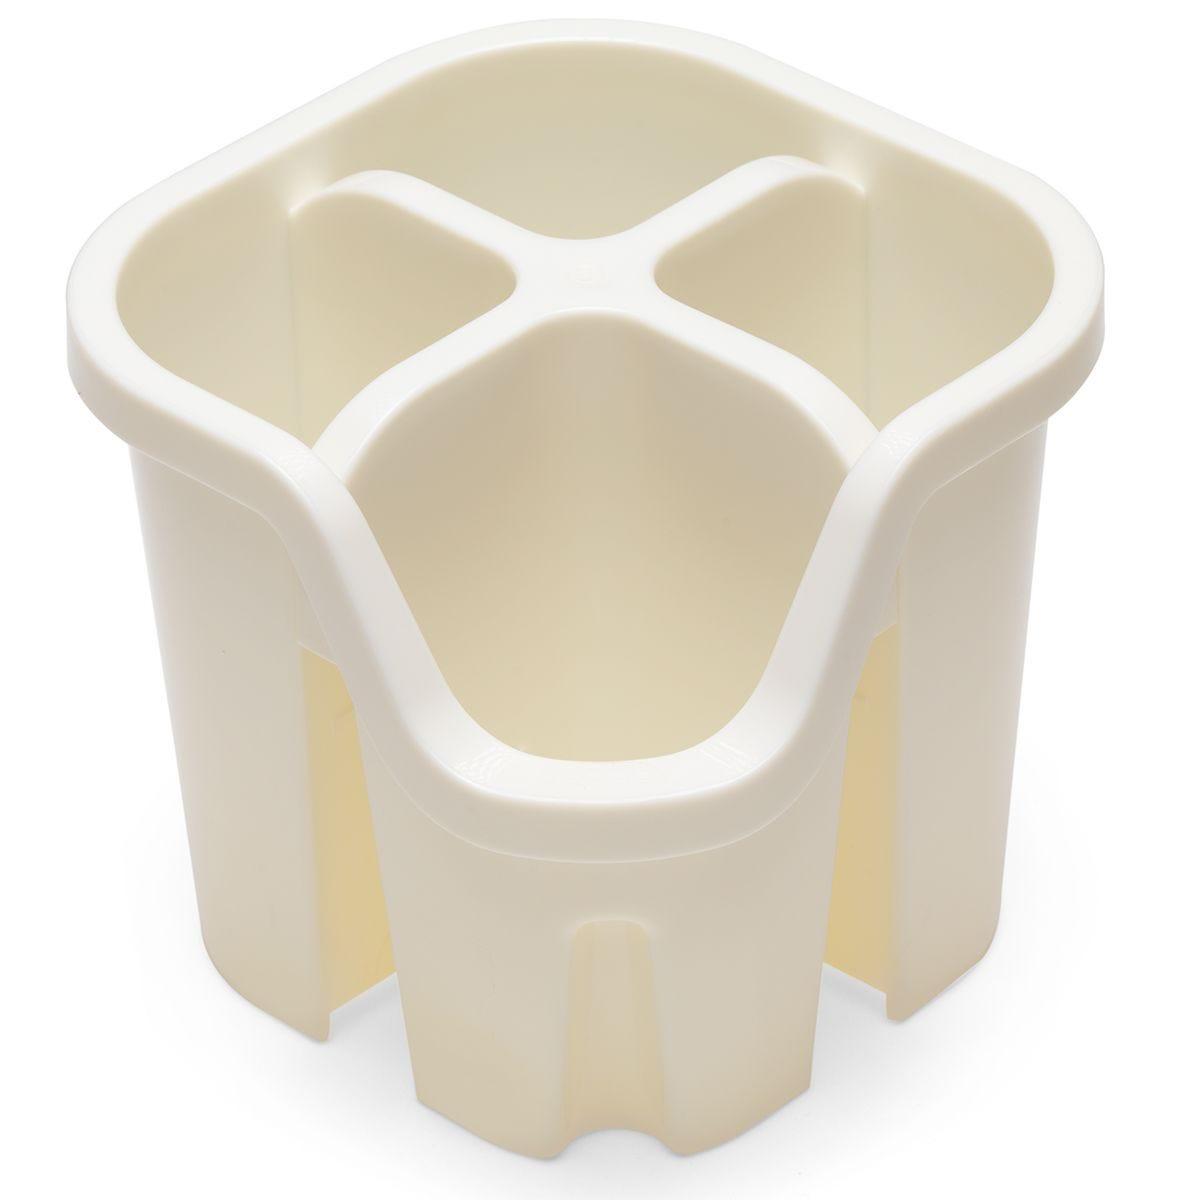 Addis Plastic Cutlery Drainer - Cream